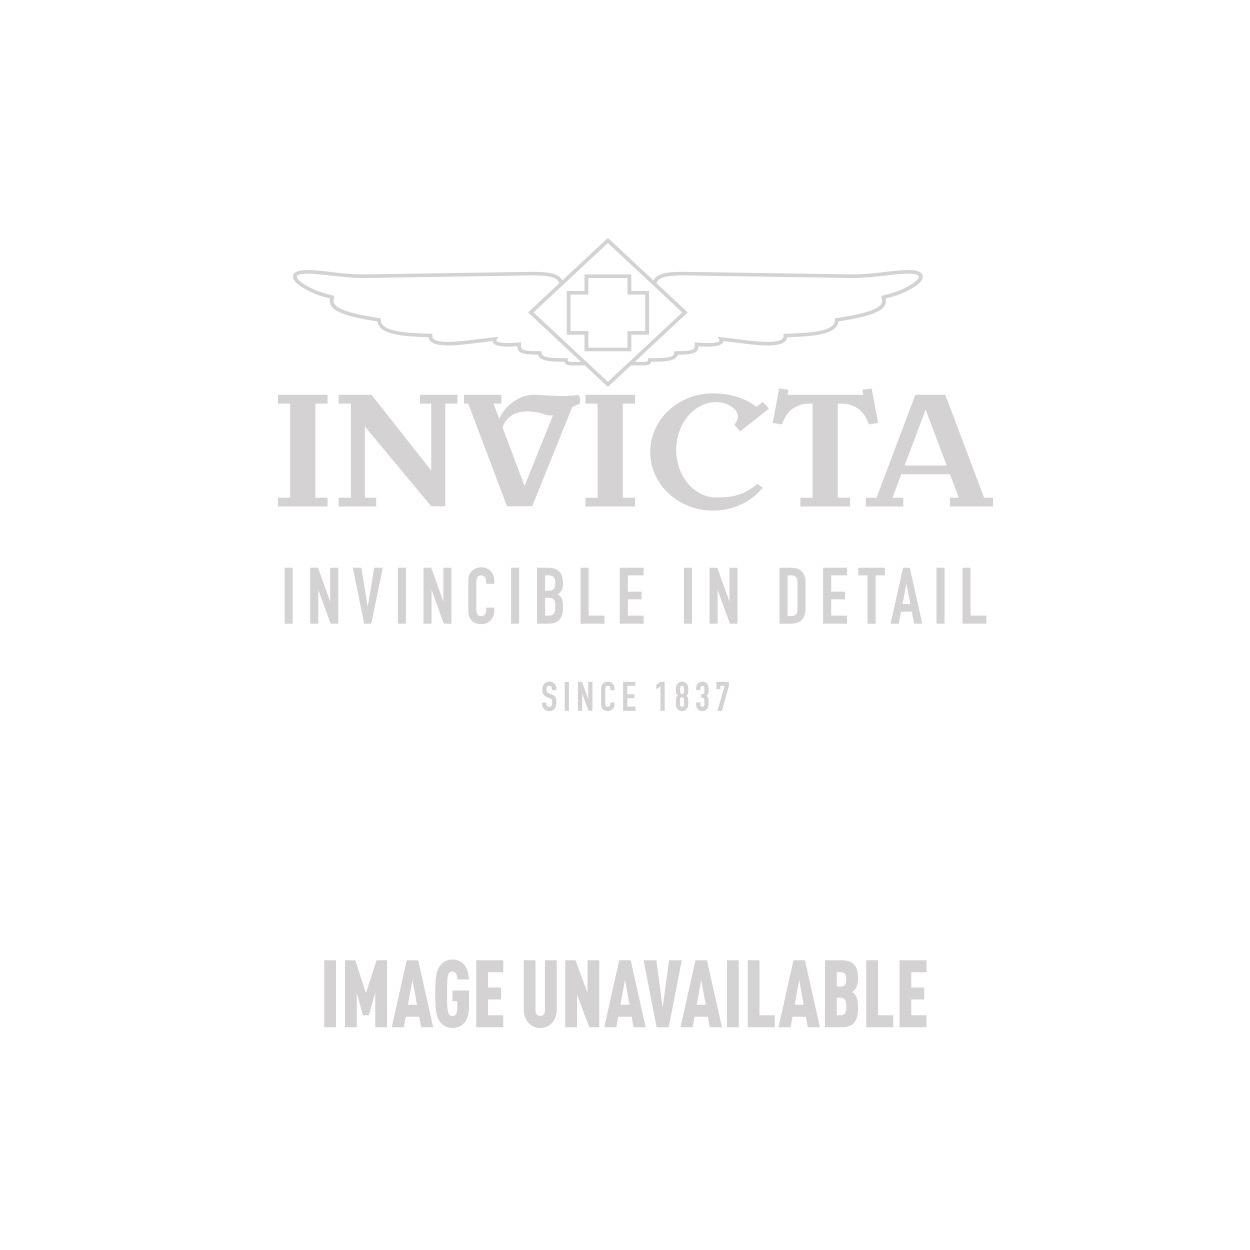 Invicta Model 23635